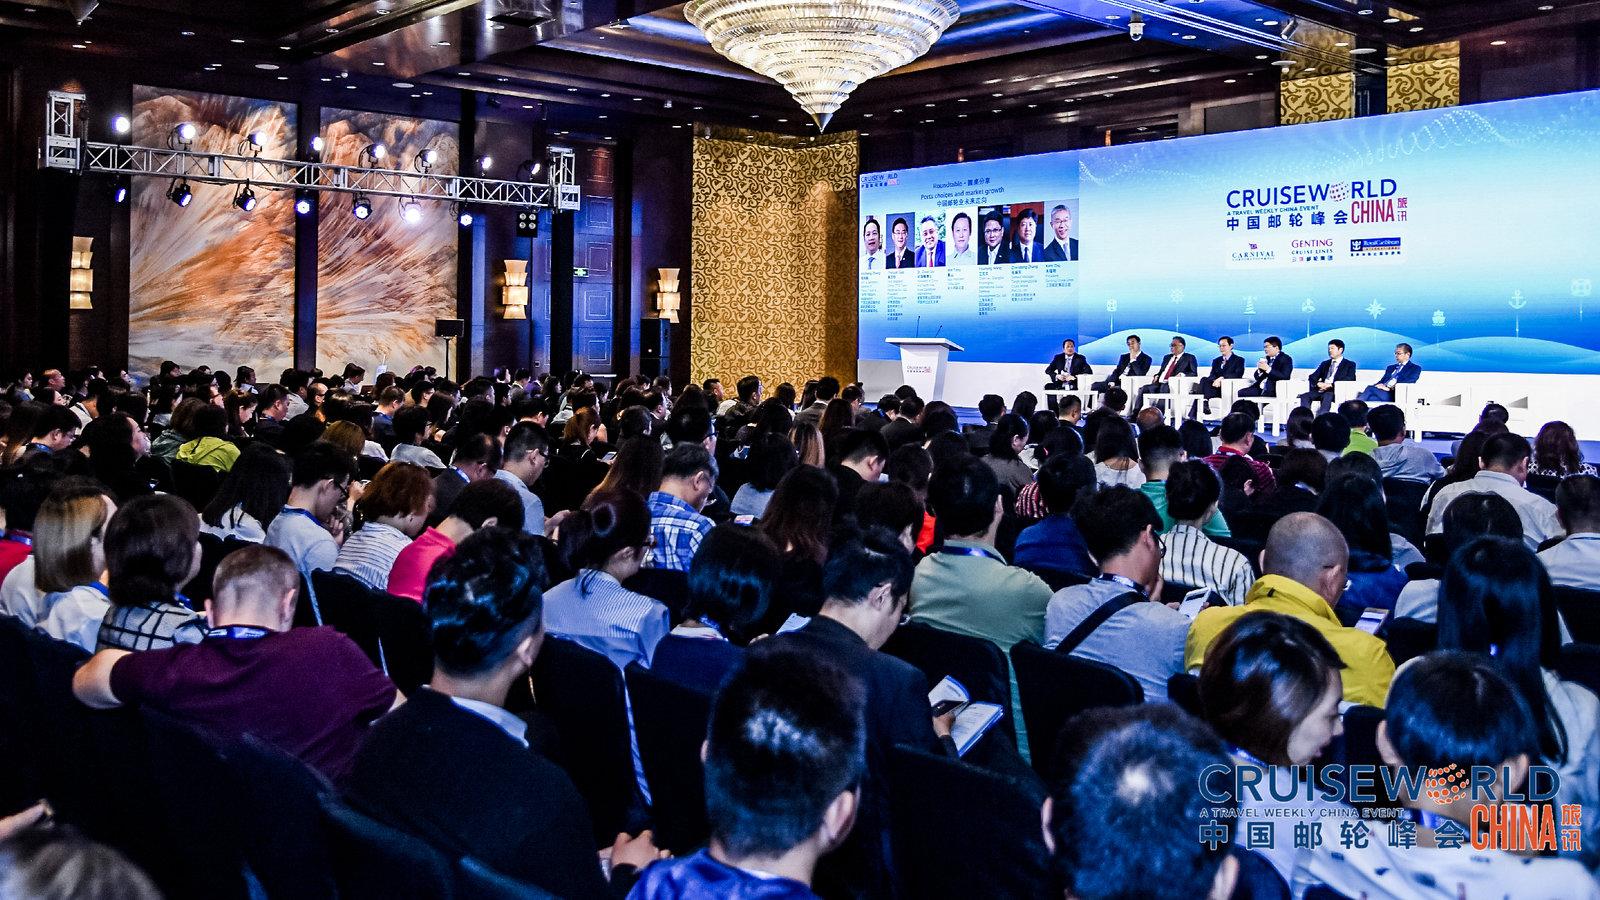 中国邮轮峰会:市场扩容迫在眉睫 品质决胜千里之外